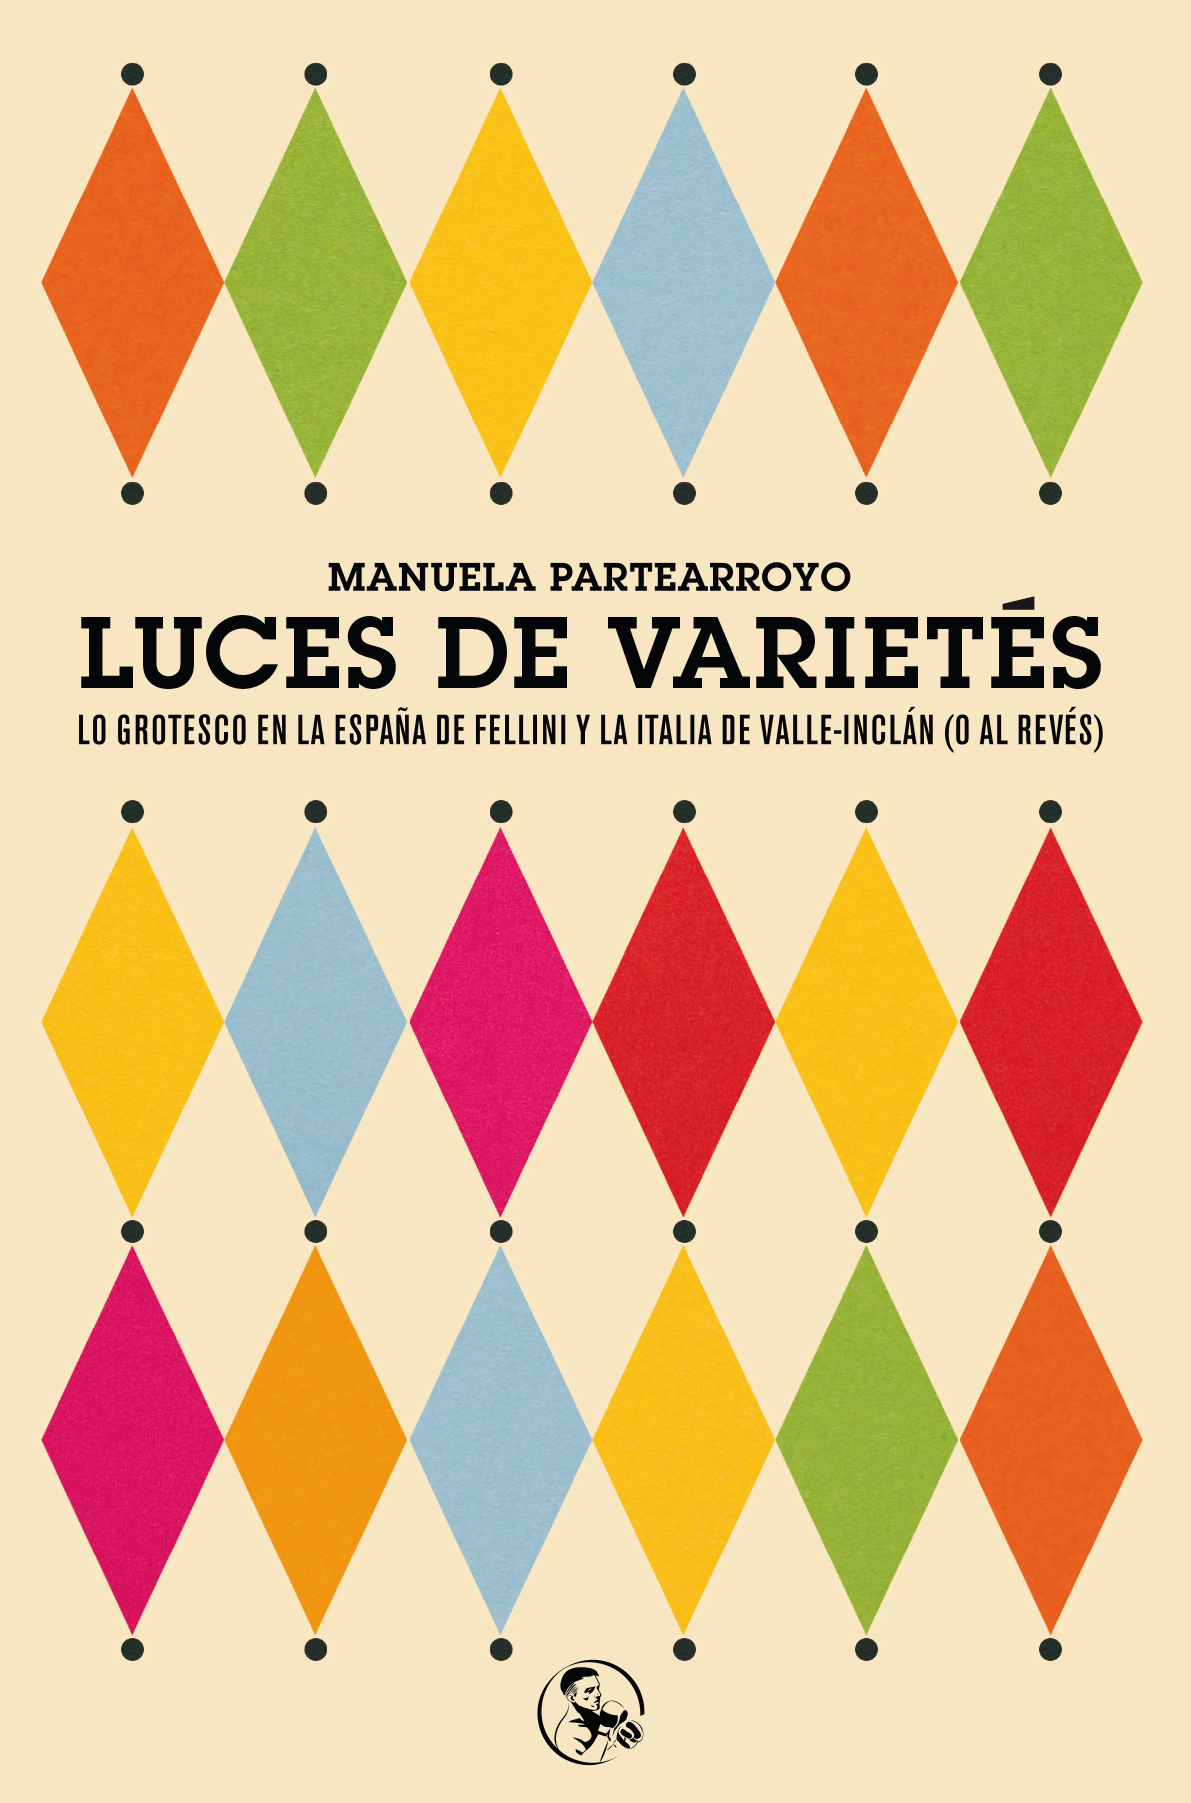 LUCES DE VARIETES «Lo grotesco en la España de Fellini y la Italia de Valle-Inc»